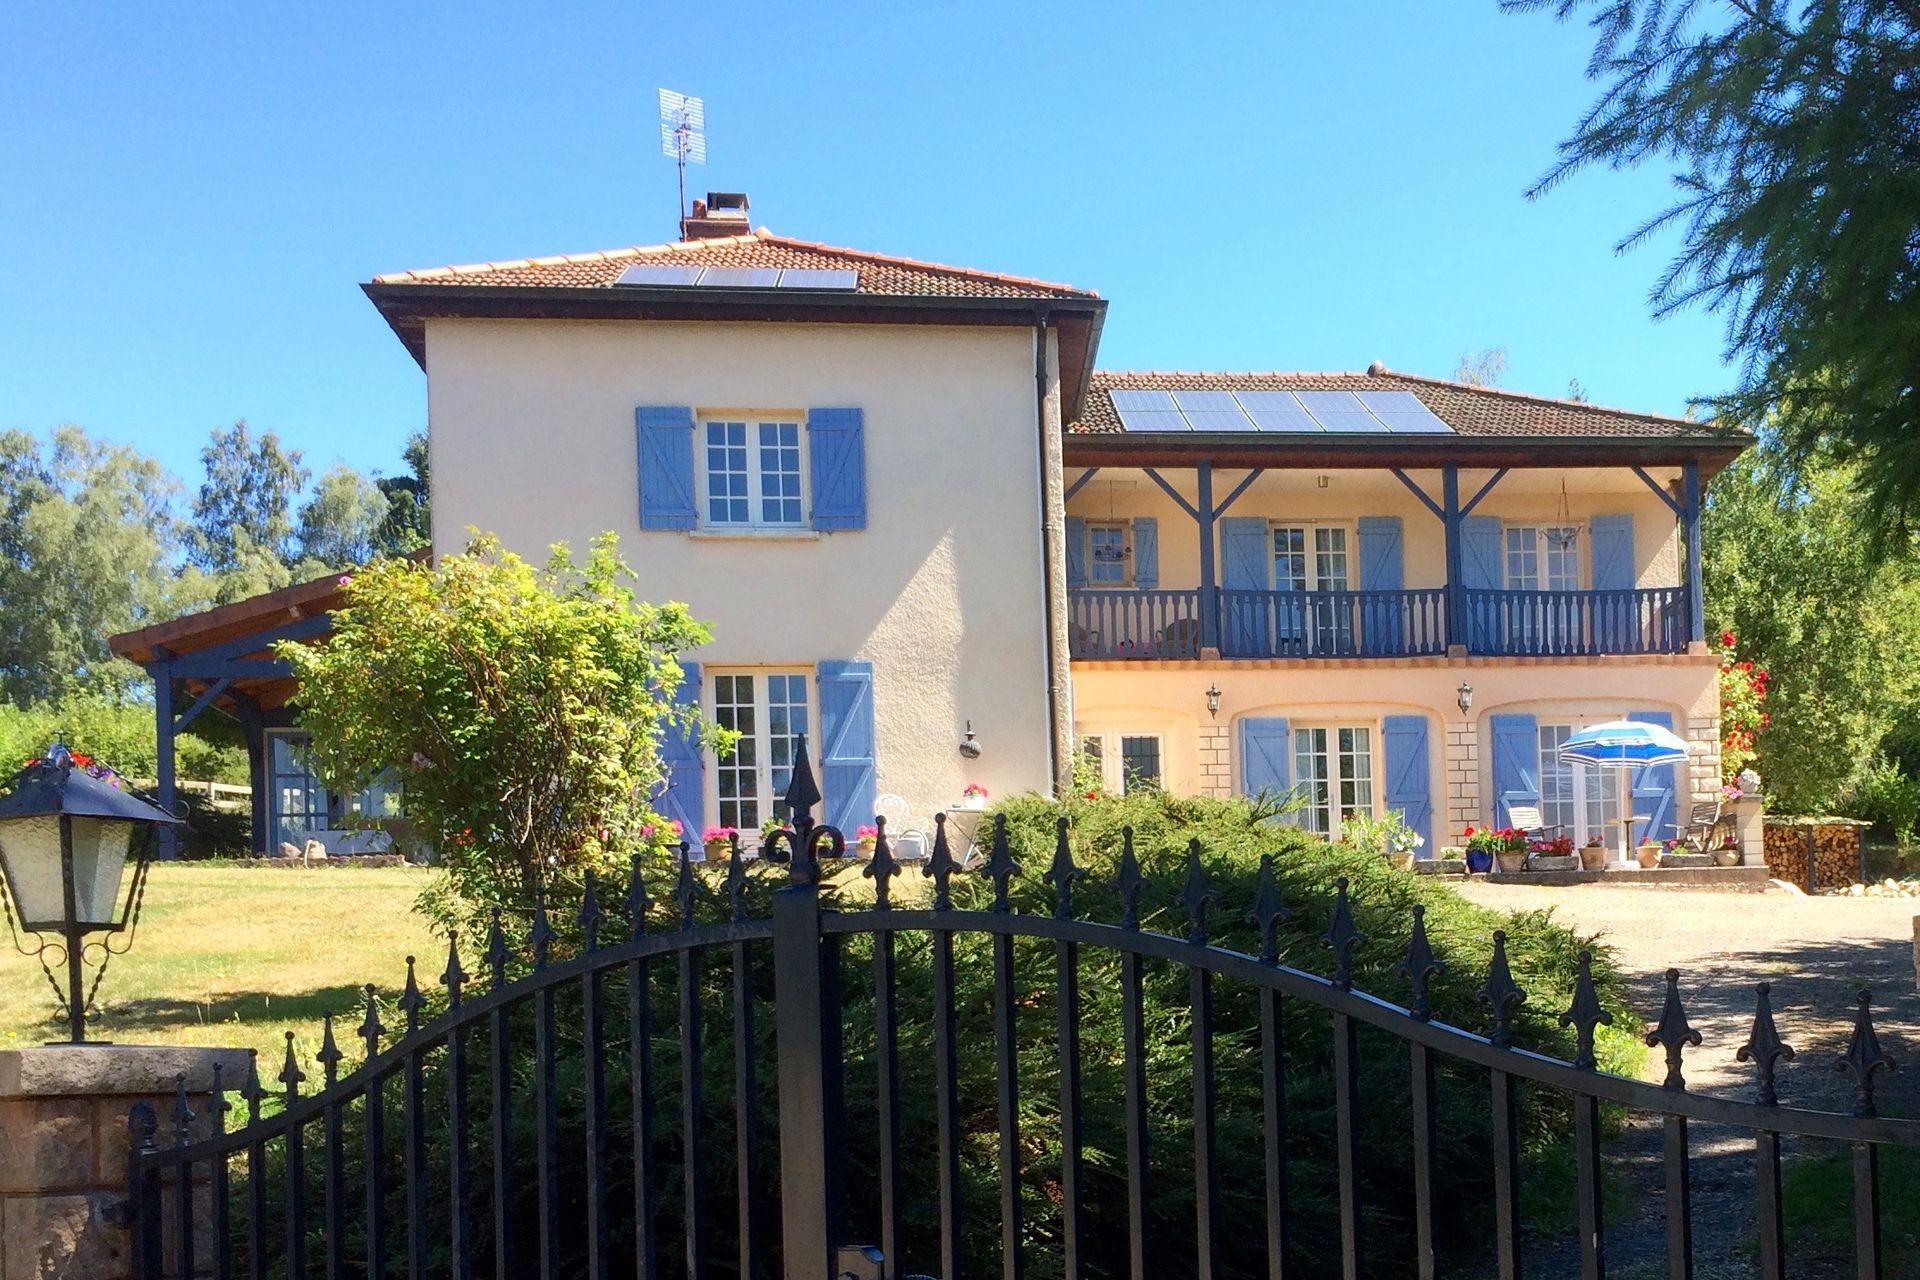 Acheter 39 charmante demeure en bourgogne du sud 39 dans la for Acheter maison bourgogne